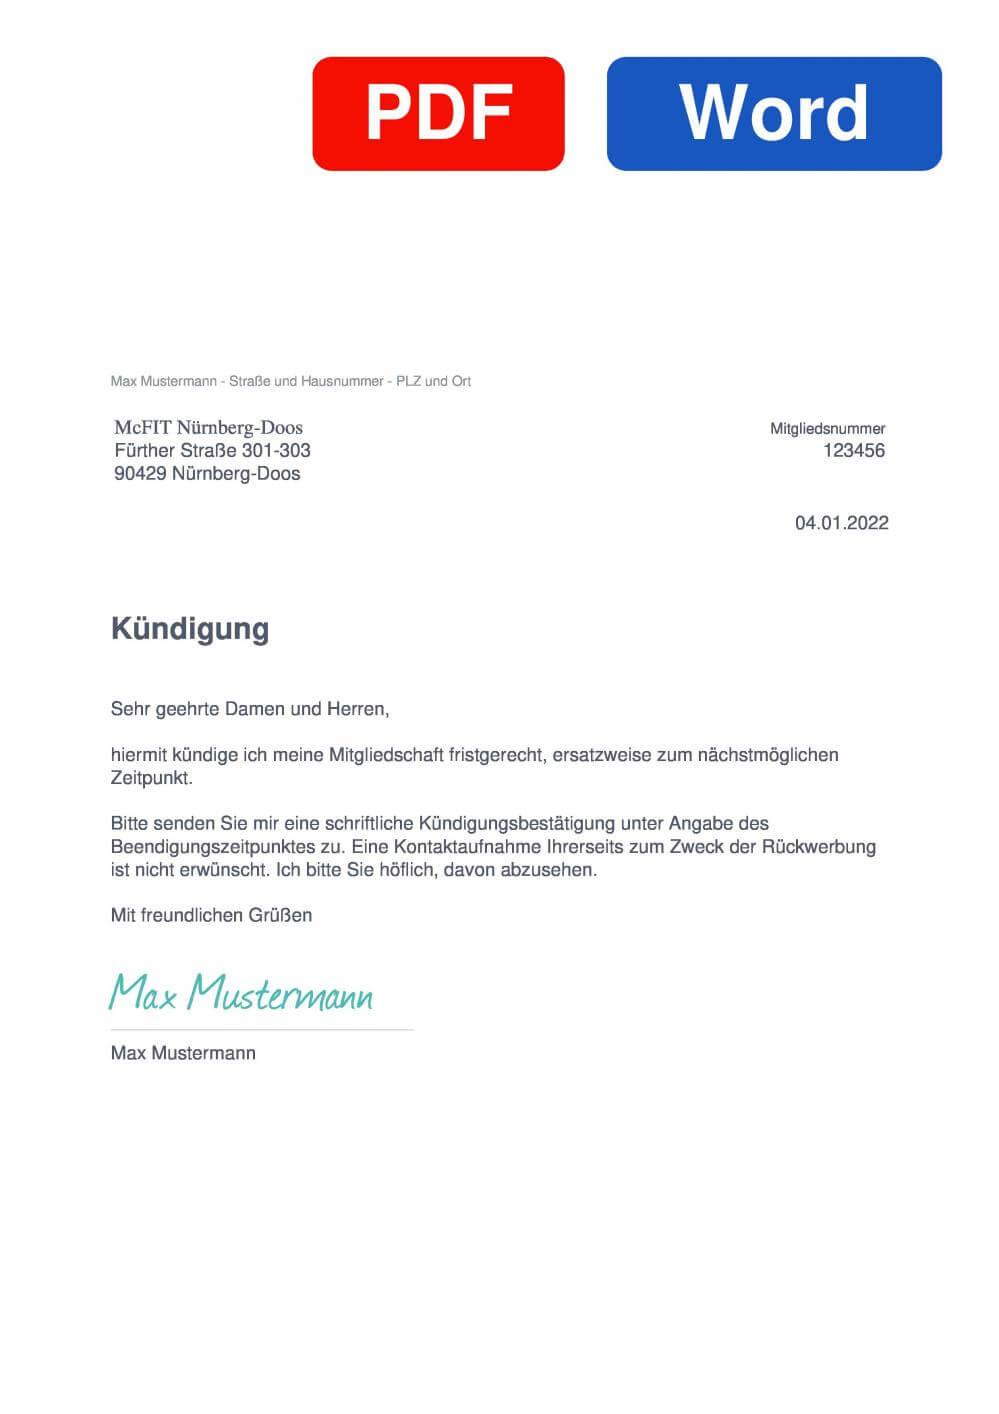 McFIT Nürnberg-Doos Muster Vorlage für Kündigungsschreiben